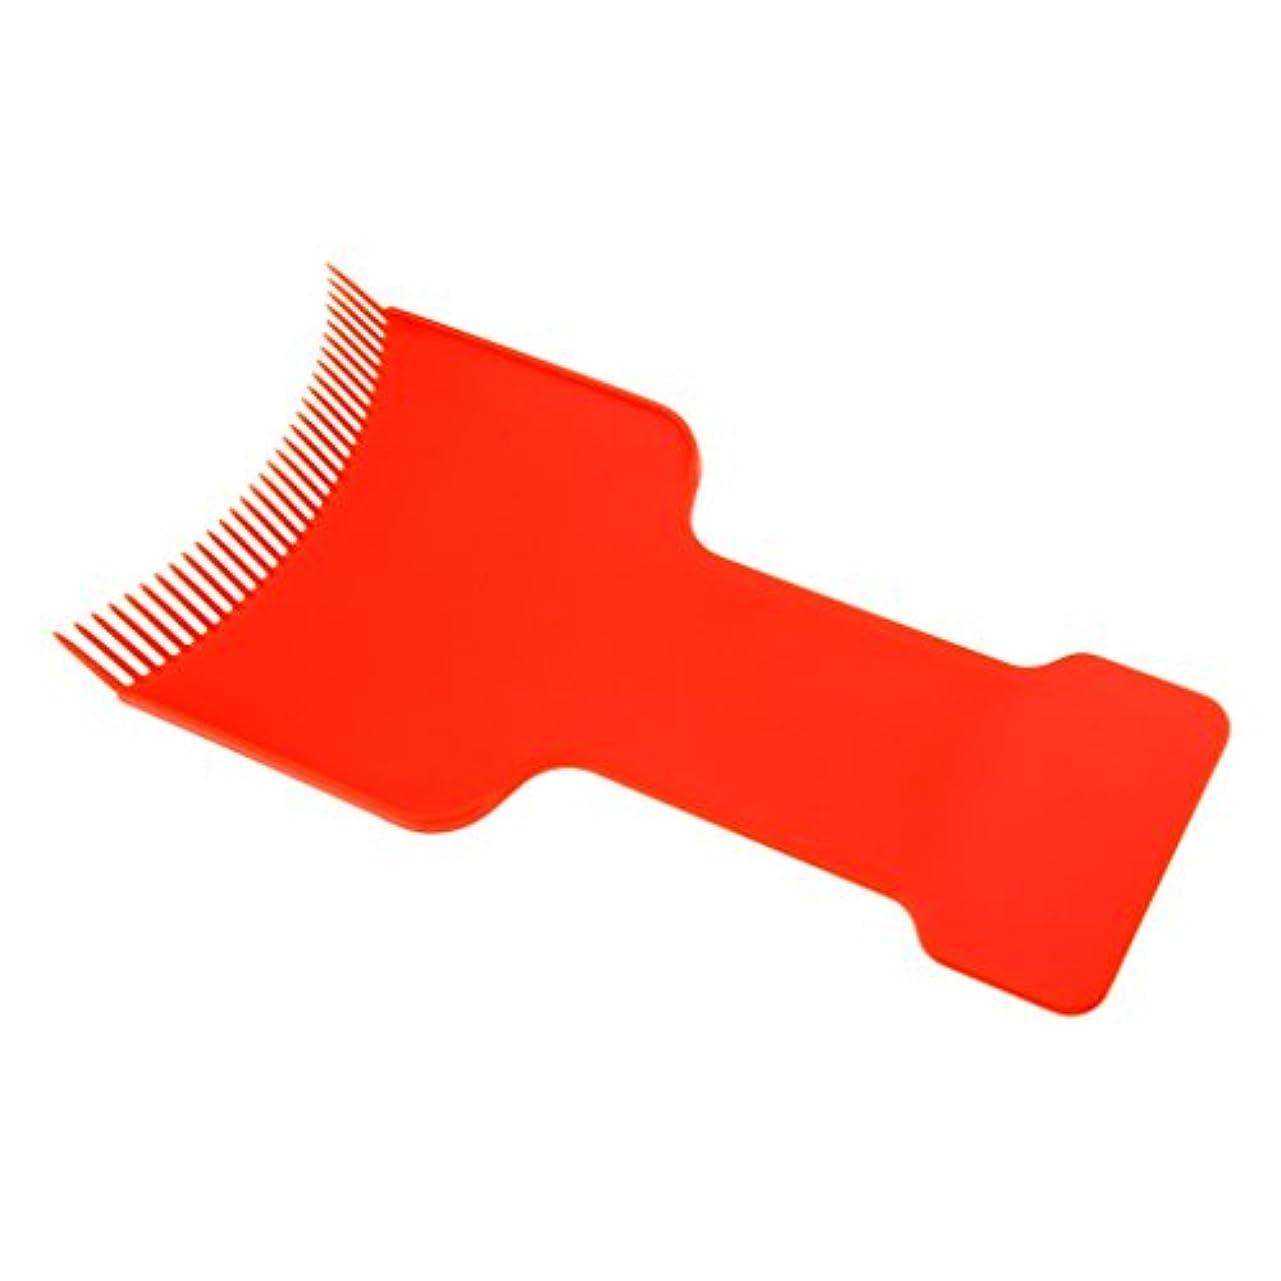 学習者人に関する限りキャンベラ染色ボード ヘアカラーボード ヘアダイコーム ヘアダイブラシ 髪染め ツール 清掃 簡単